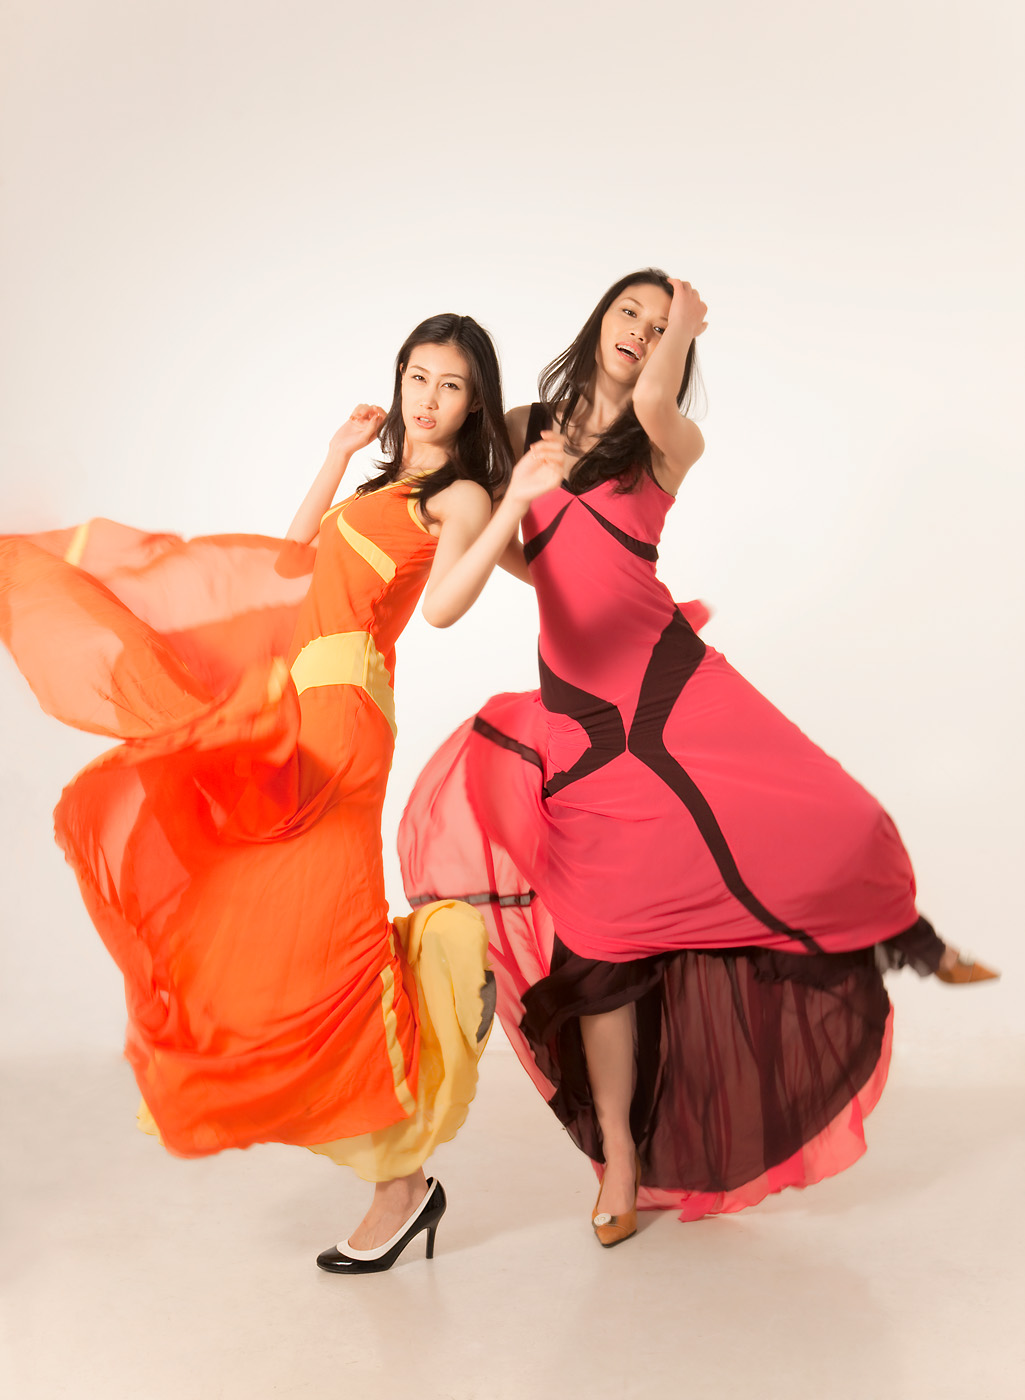 中国职业模特  2005年出道2007年cctv电视模特大赛亚军.